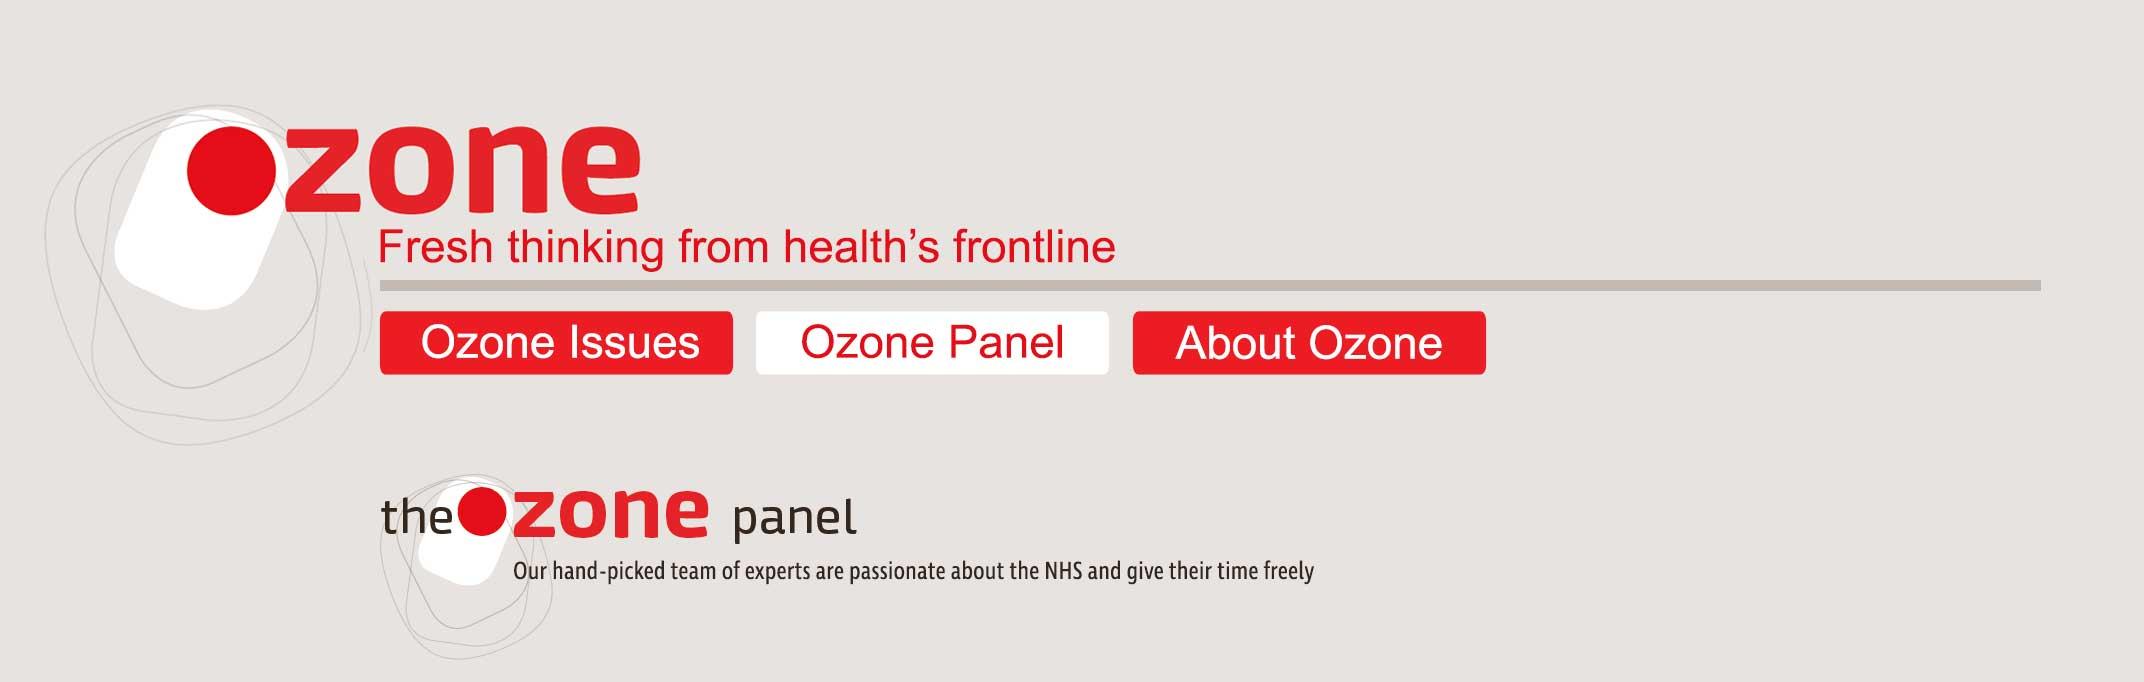 Ozone Panel